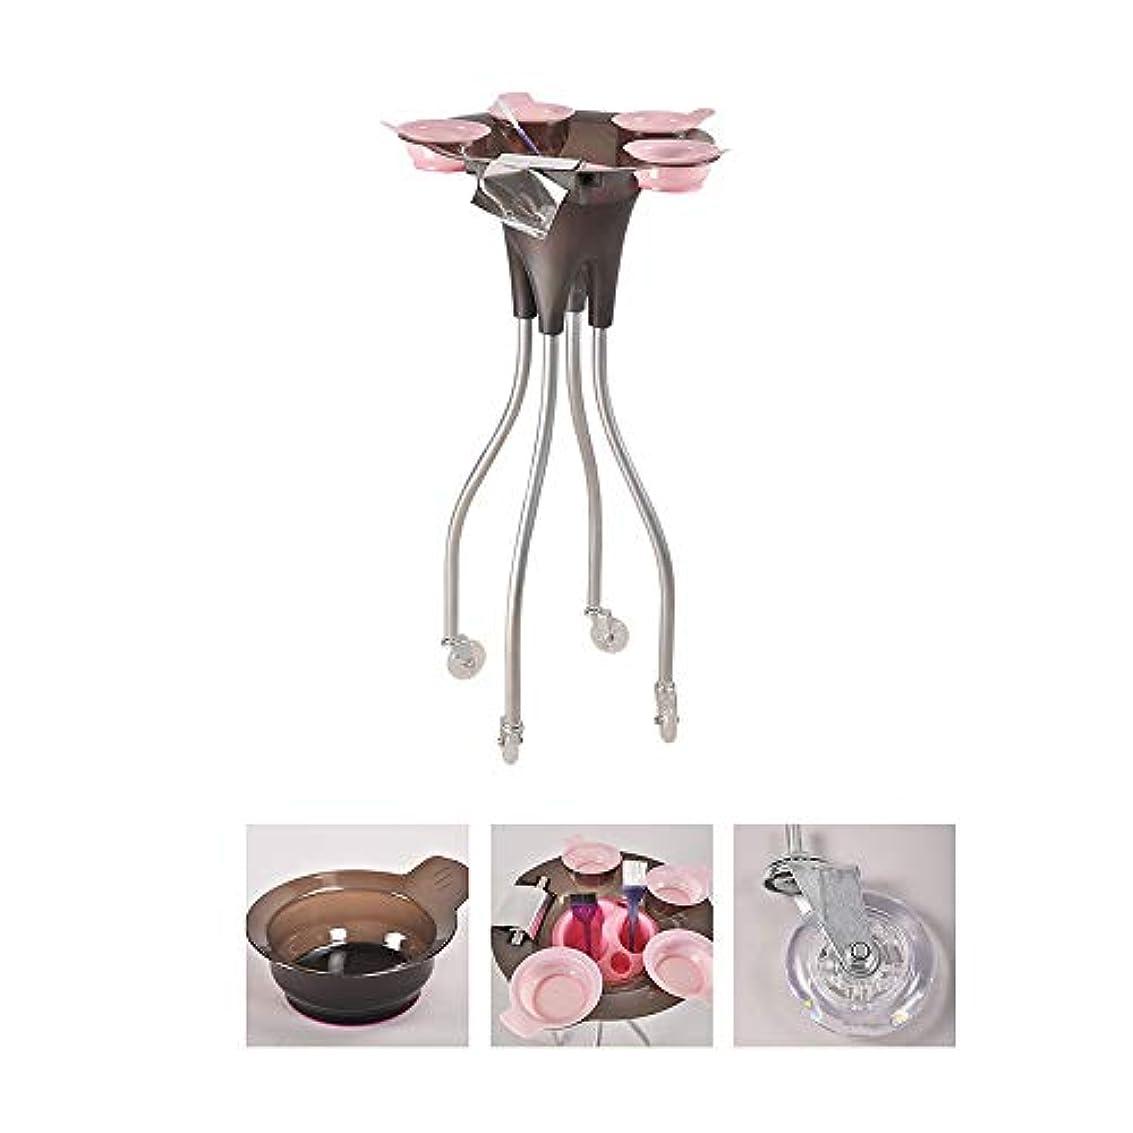 スペイン賞ジュニア4つの車輪が付いている大広間の美容院のトロリー、毛色の染料のボールが付いている美の皿の携帯用実用的なカート、SPAの貯蔵の毛の付属品のホールダー